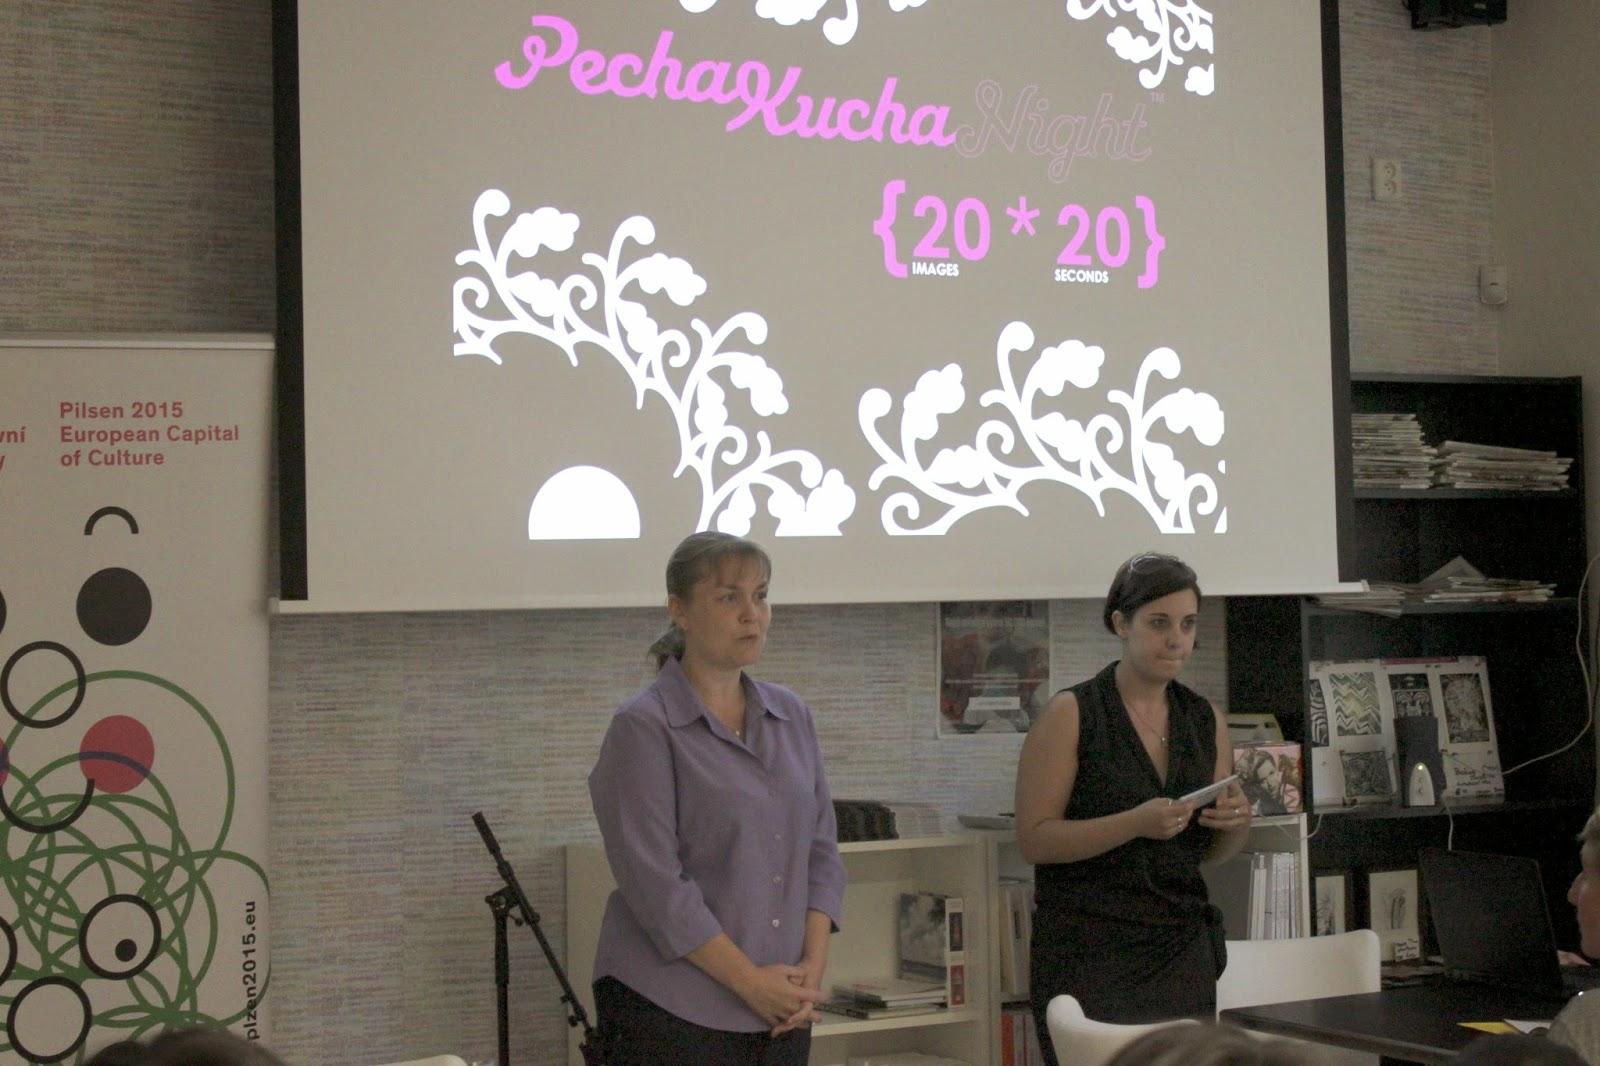 ArtCamp 2014 PechaKucha night